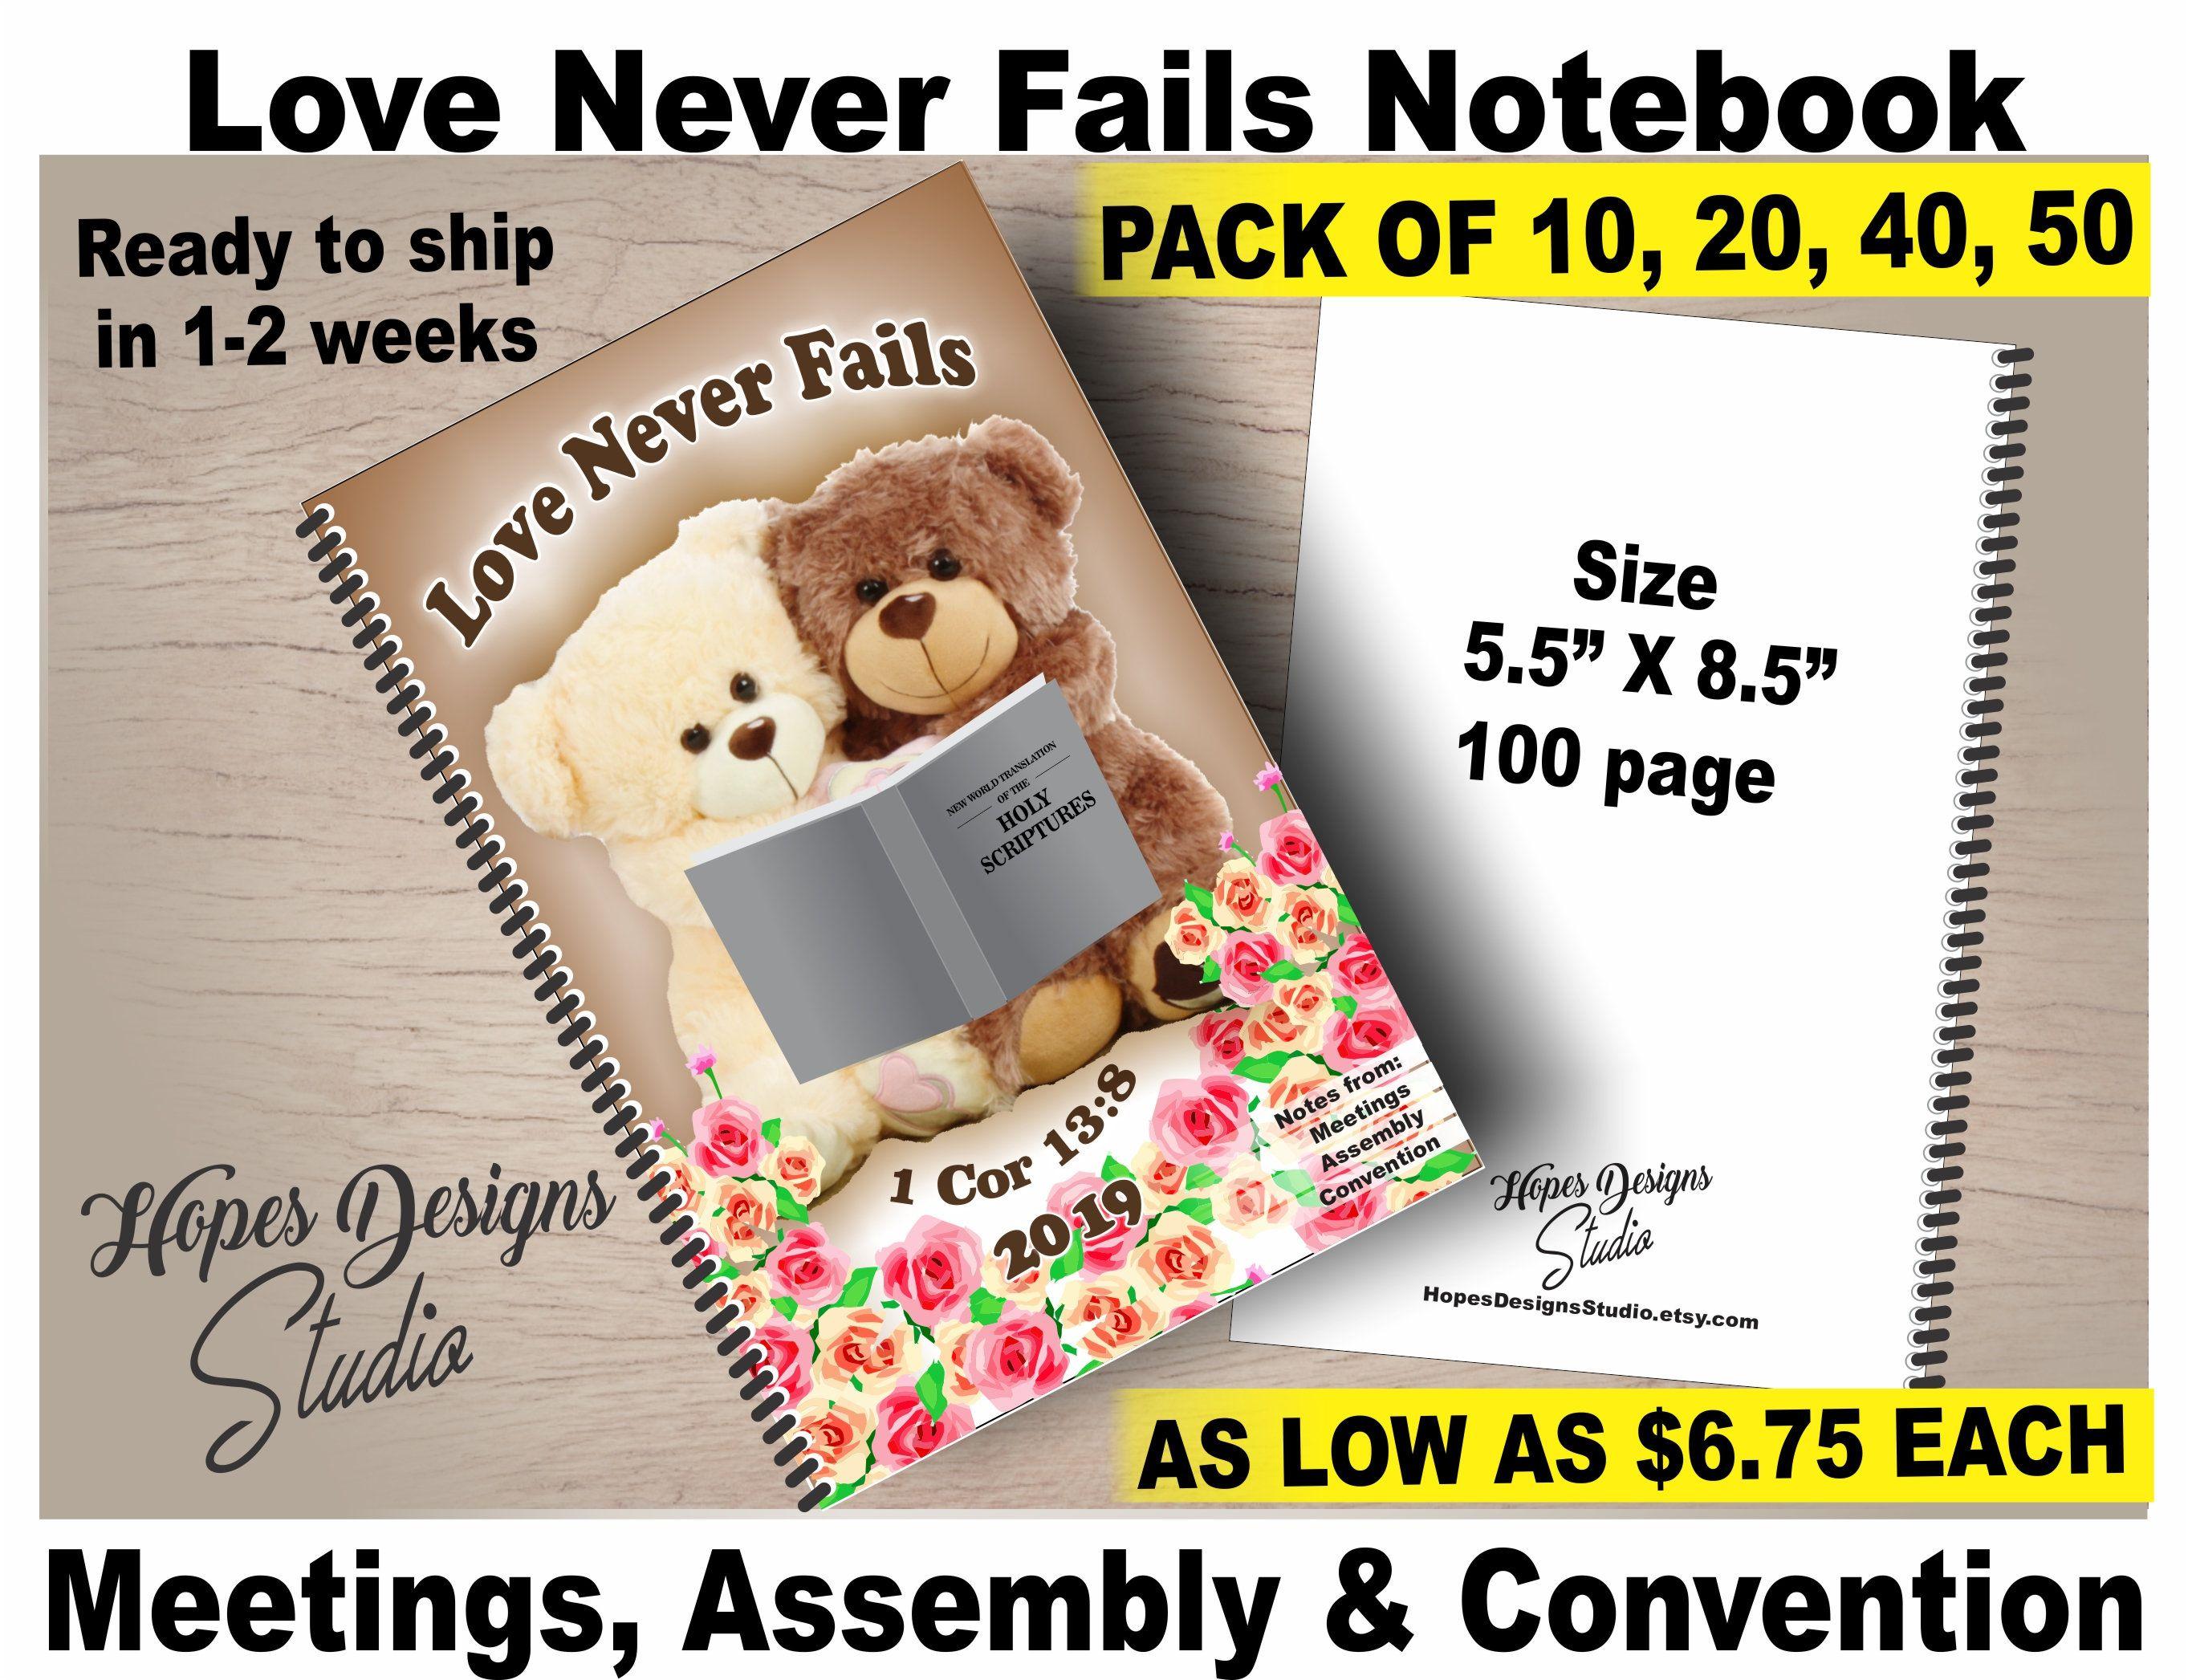 JW gifts/ Love Never Fails notebook/ International